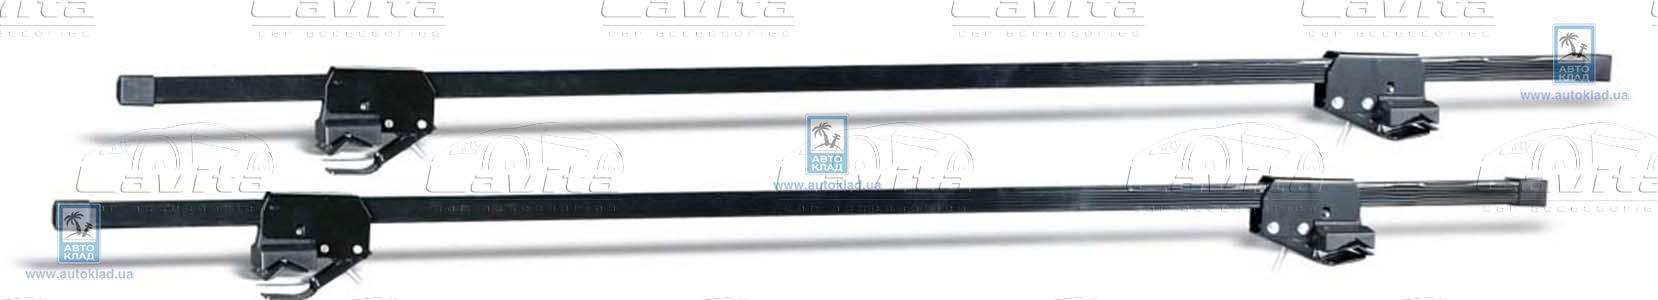 Багажник на крышу универсальный LAVITA 24012548: купить